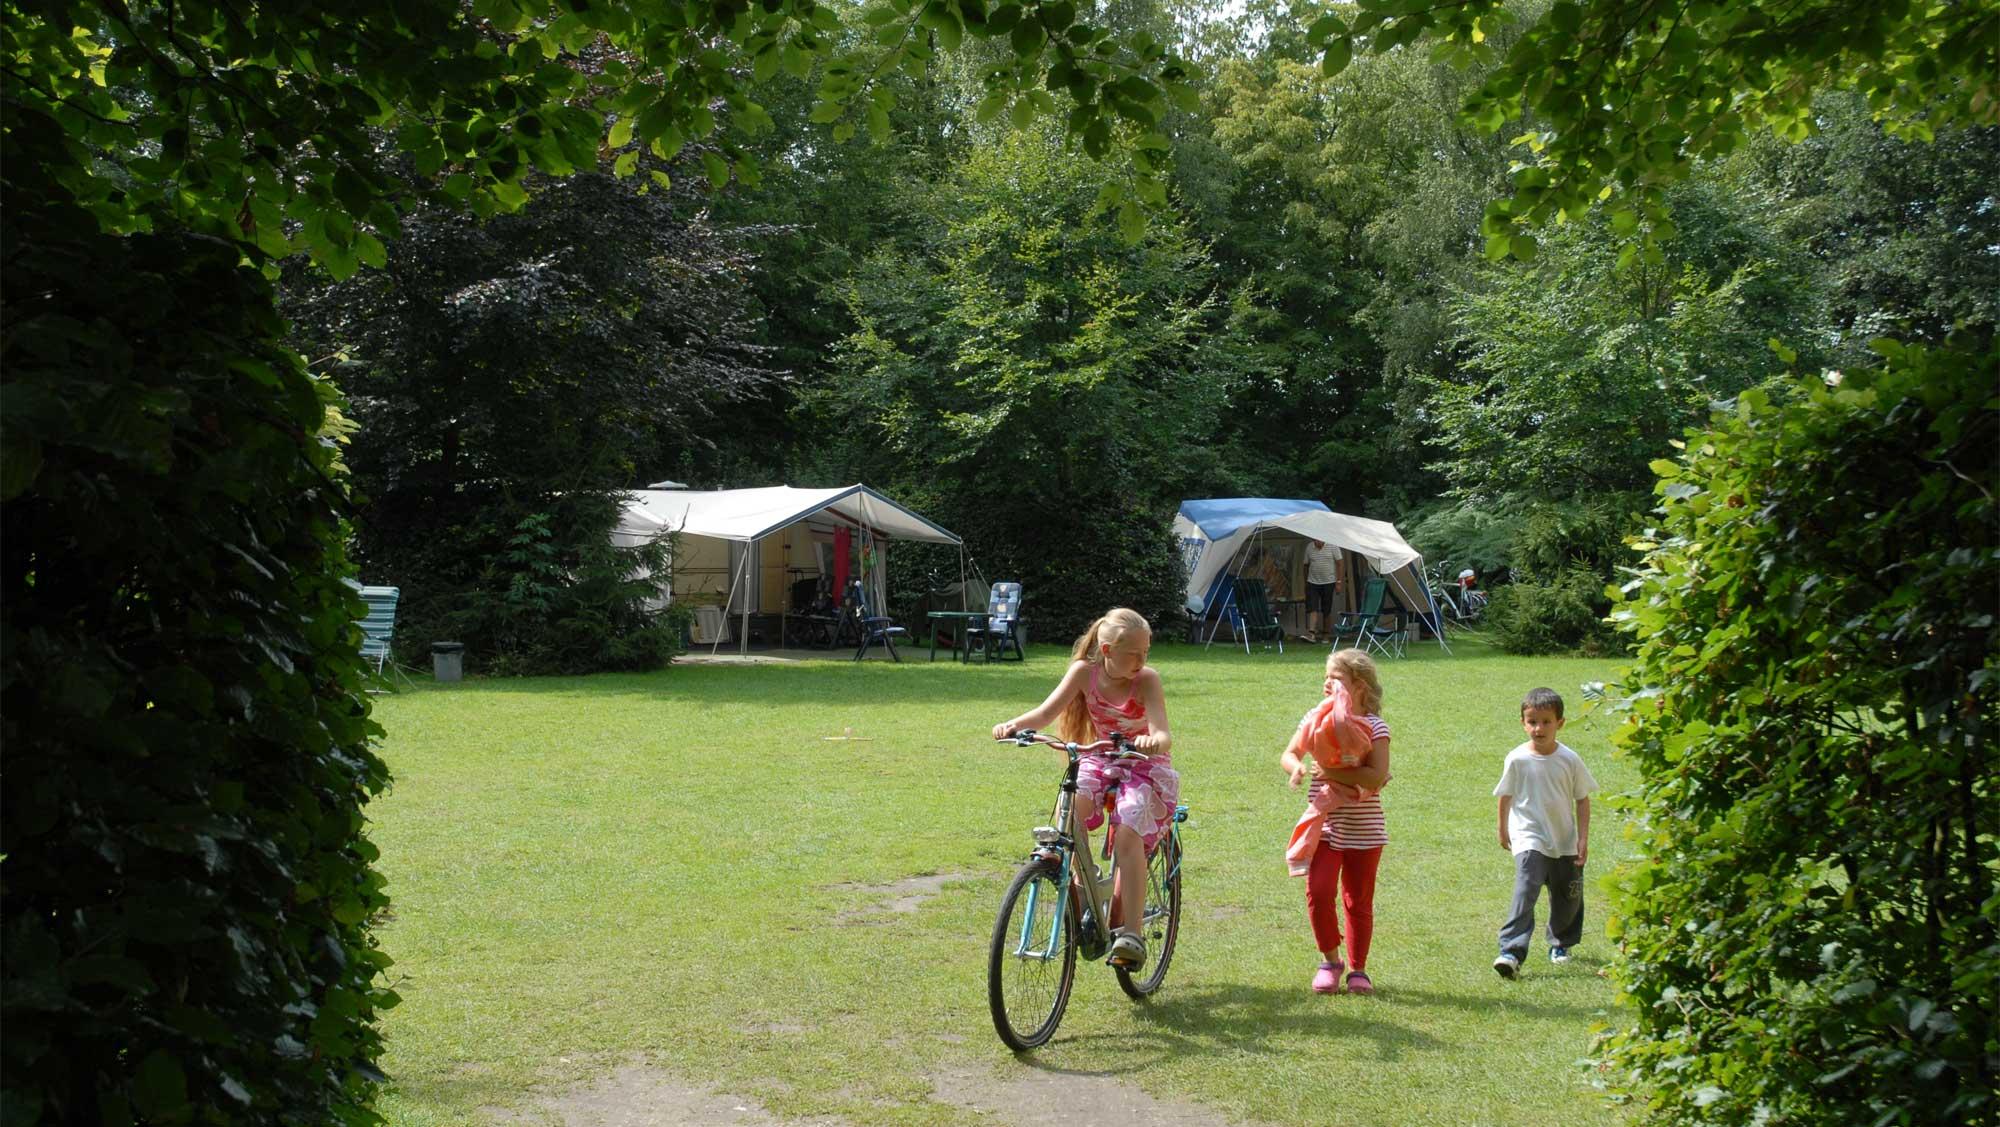 Basisplaats kamperen Molecaten Park Landgoed Molecaten 05